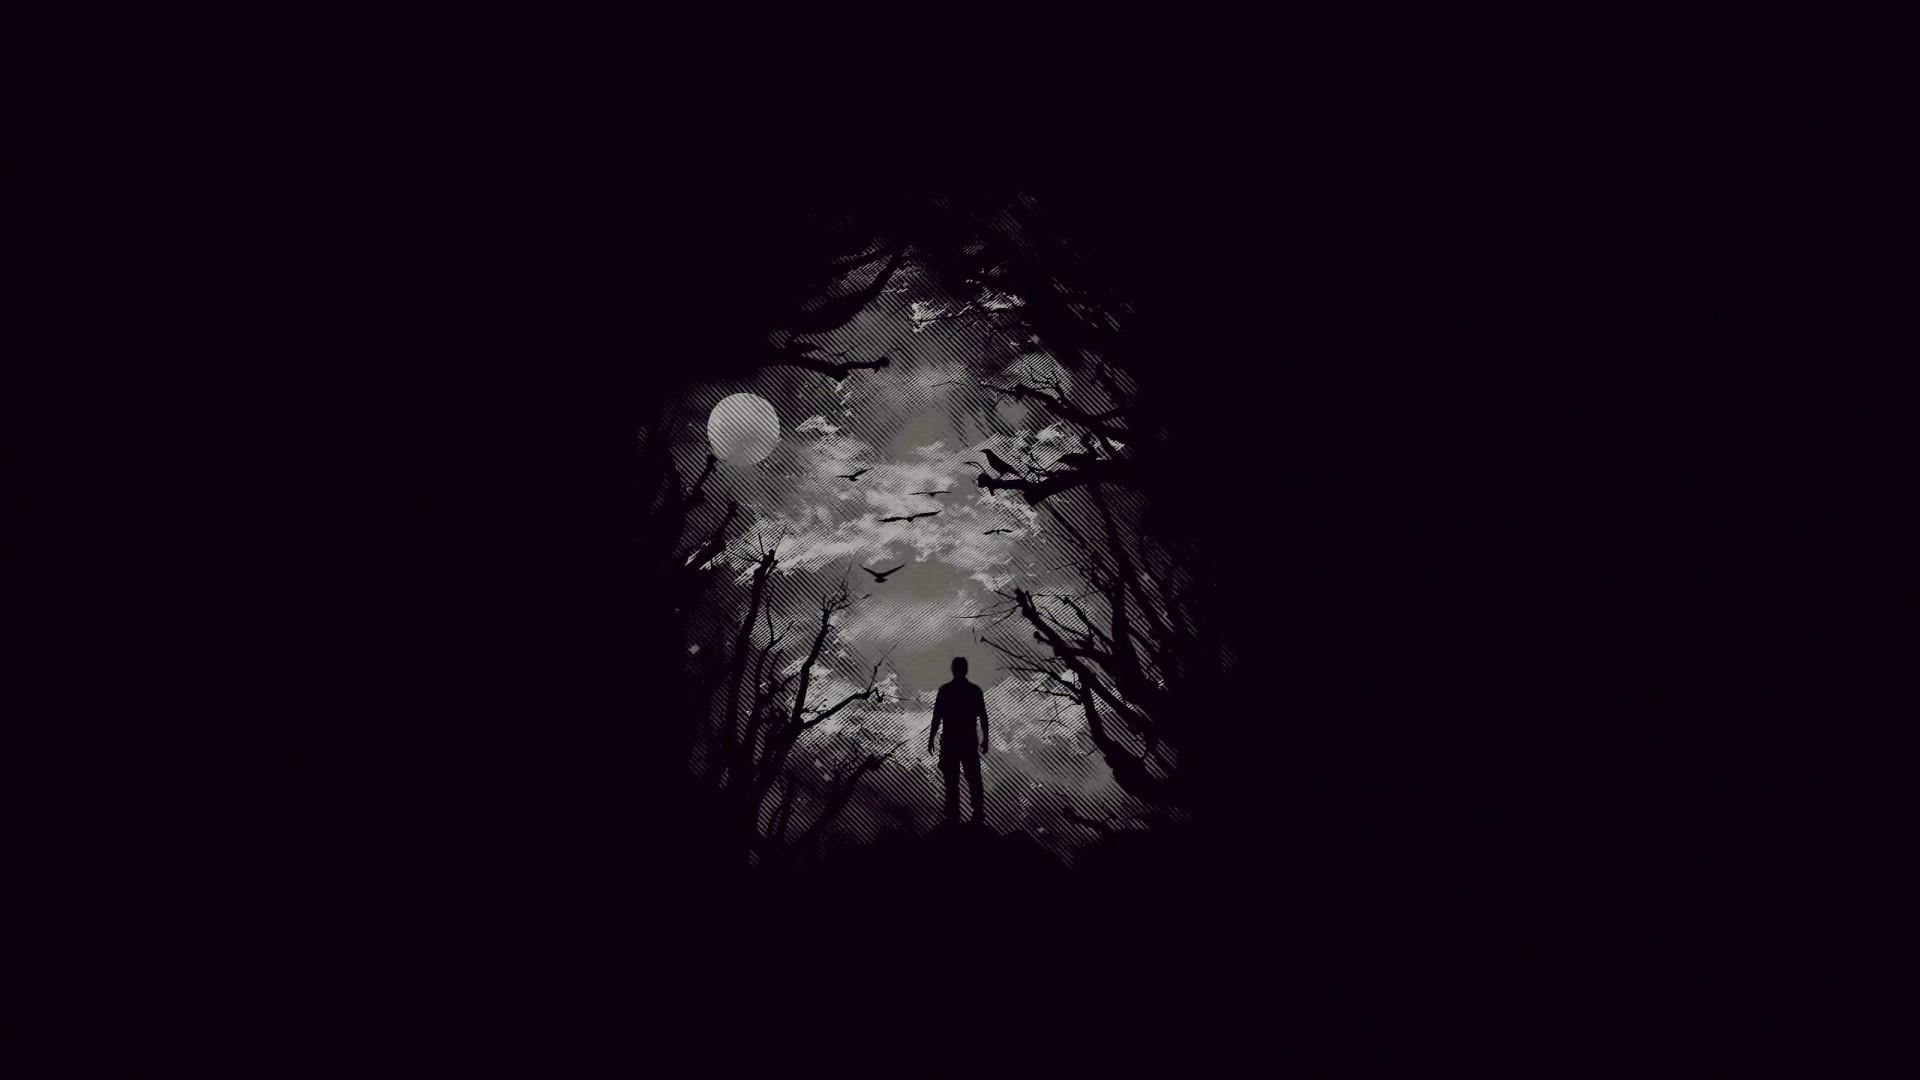 грустные картинки в темных тонах ближе